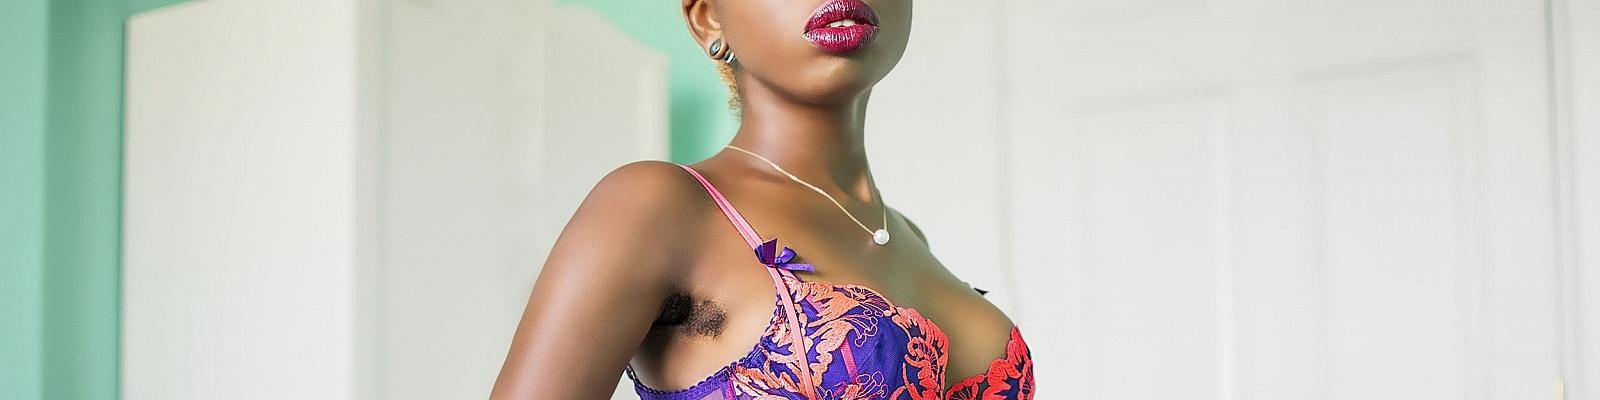 Veronique Bahl's Cover Photo